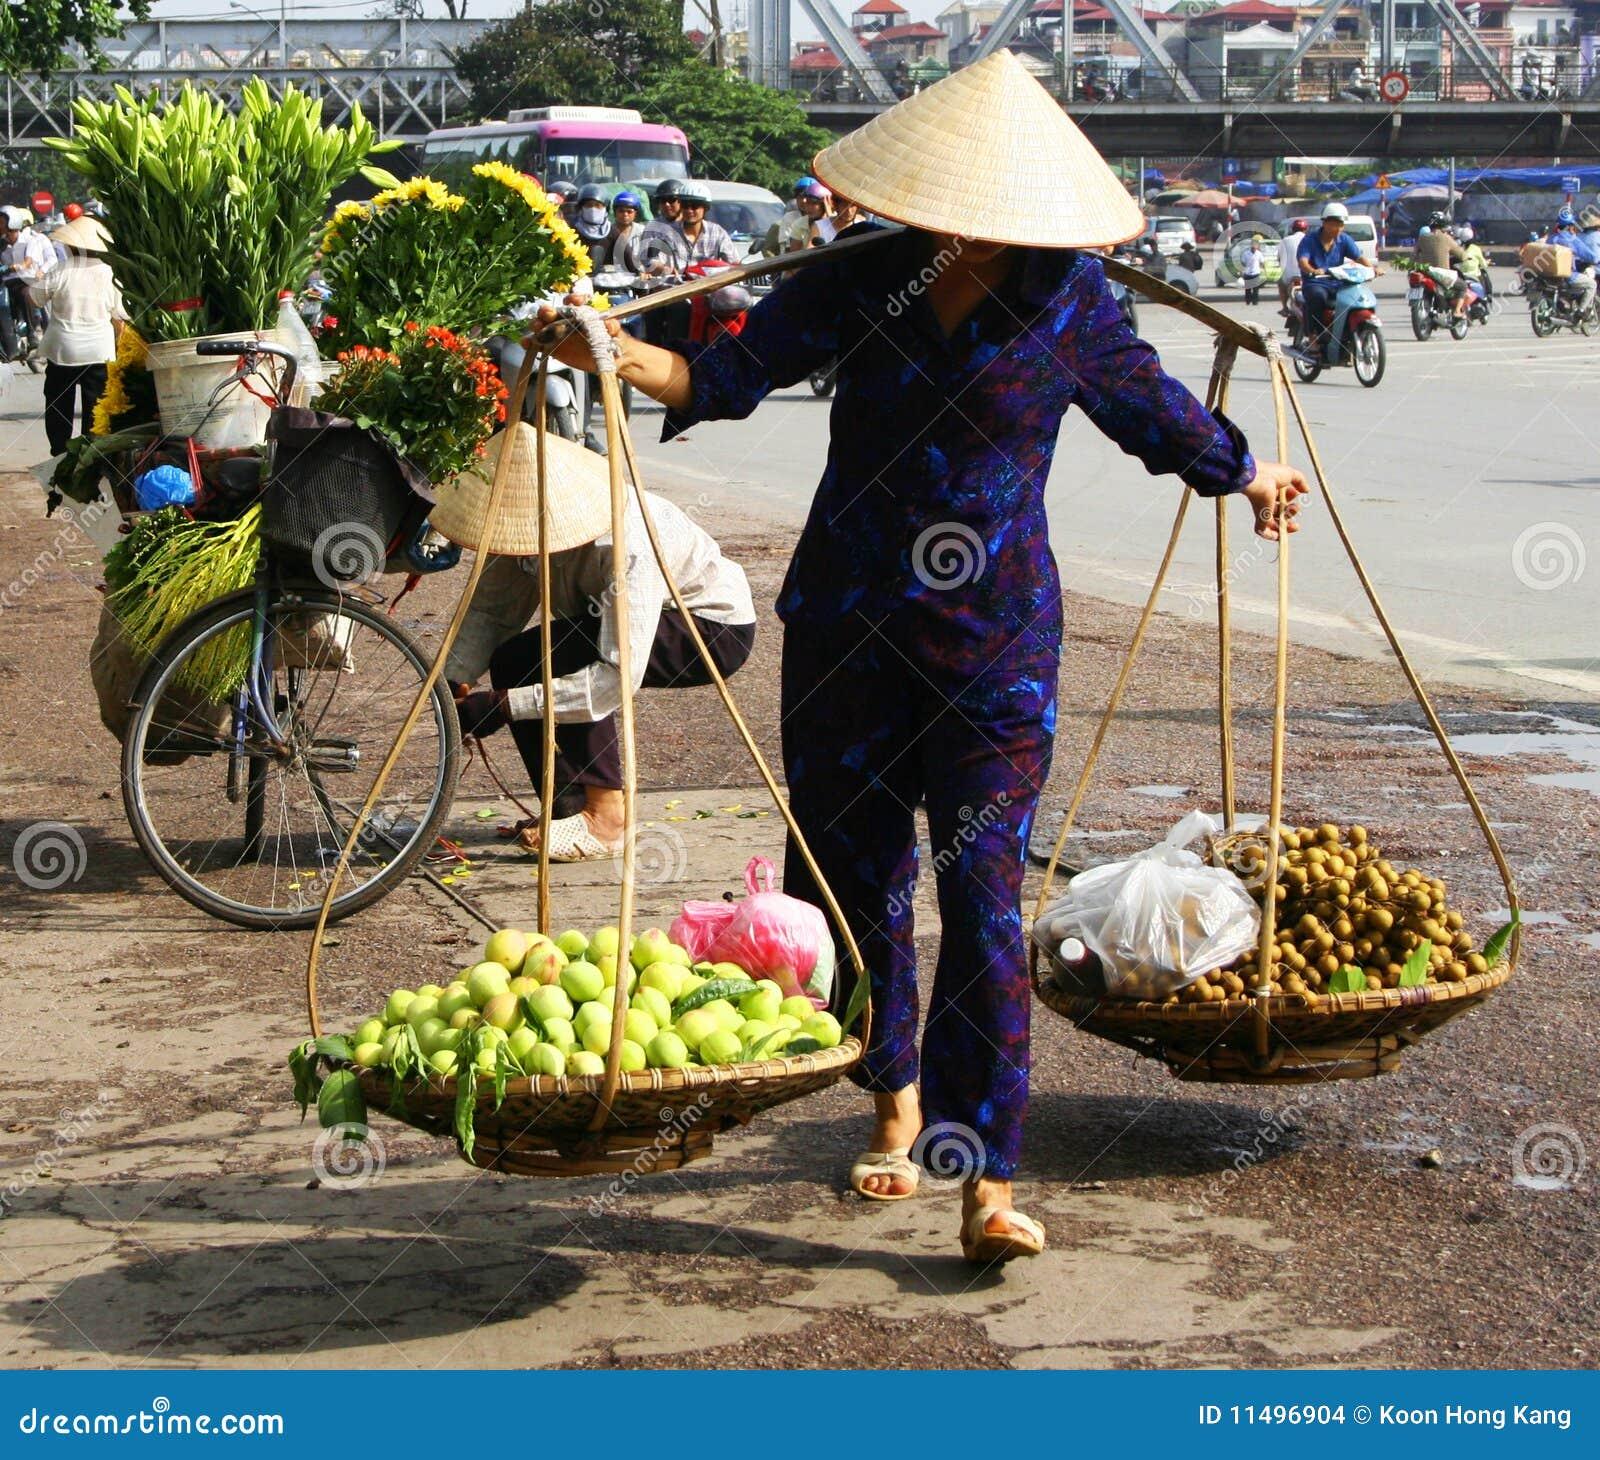 Marchand Ambulant Vietnamien à Hanoï Image stock éditorial - Image ...